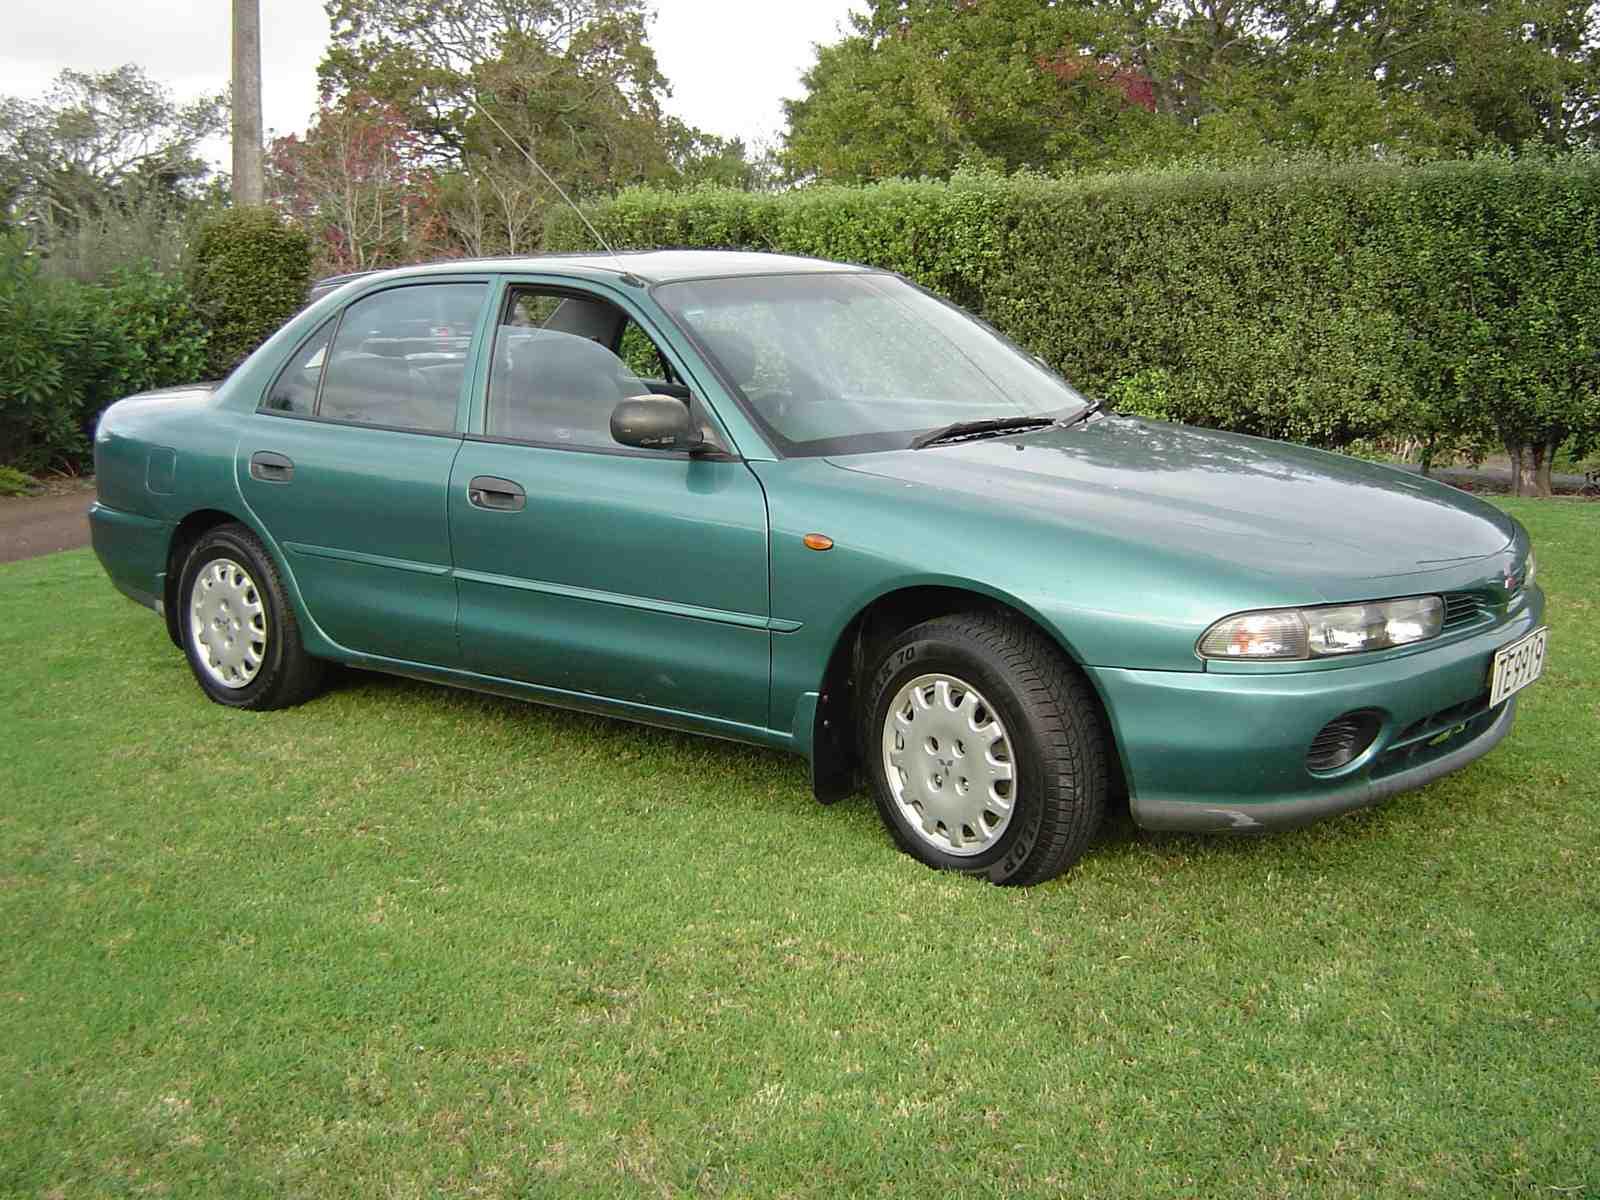 Mitsubishi Galant on 1996 Mitsubishi Galant